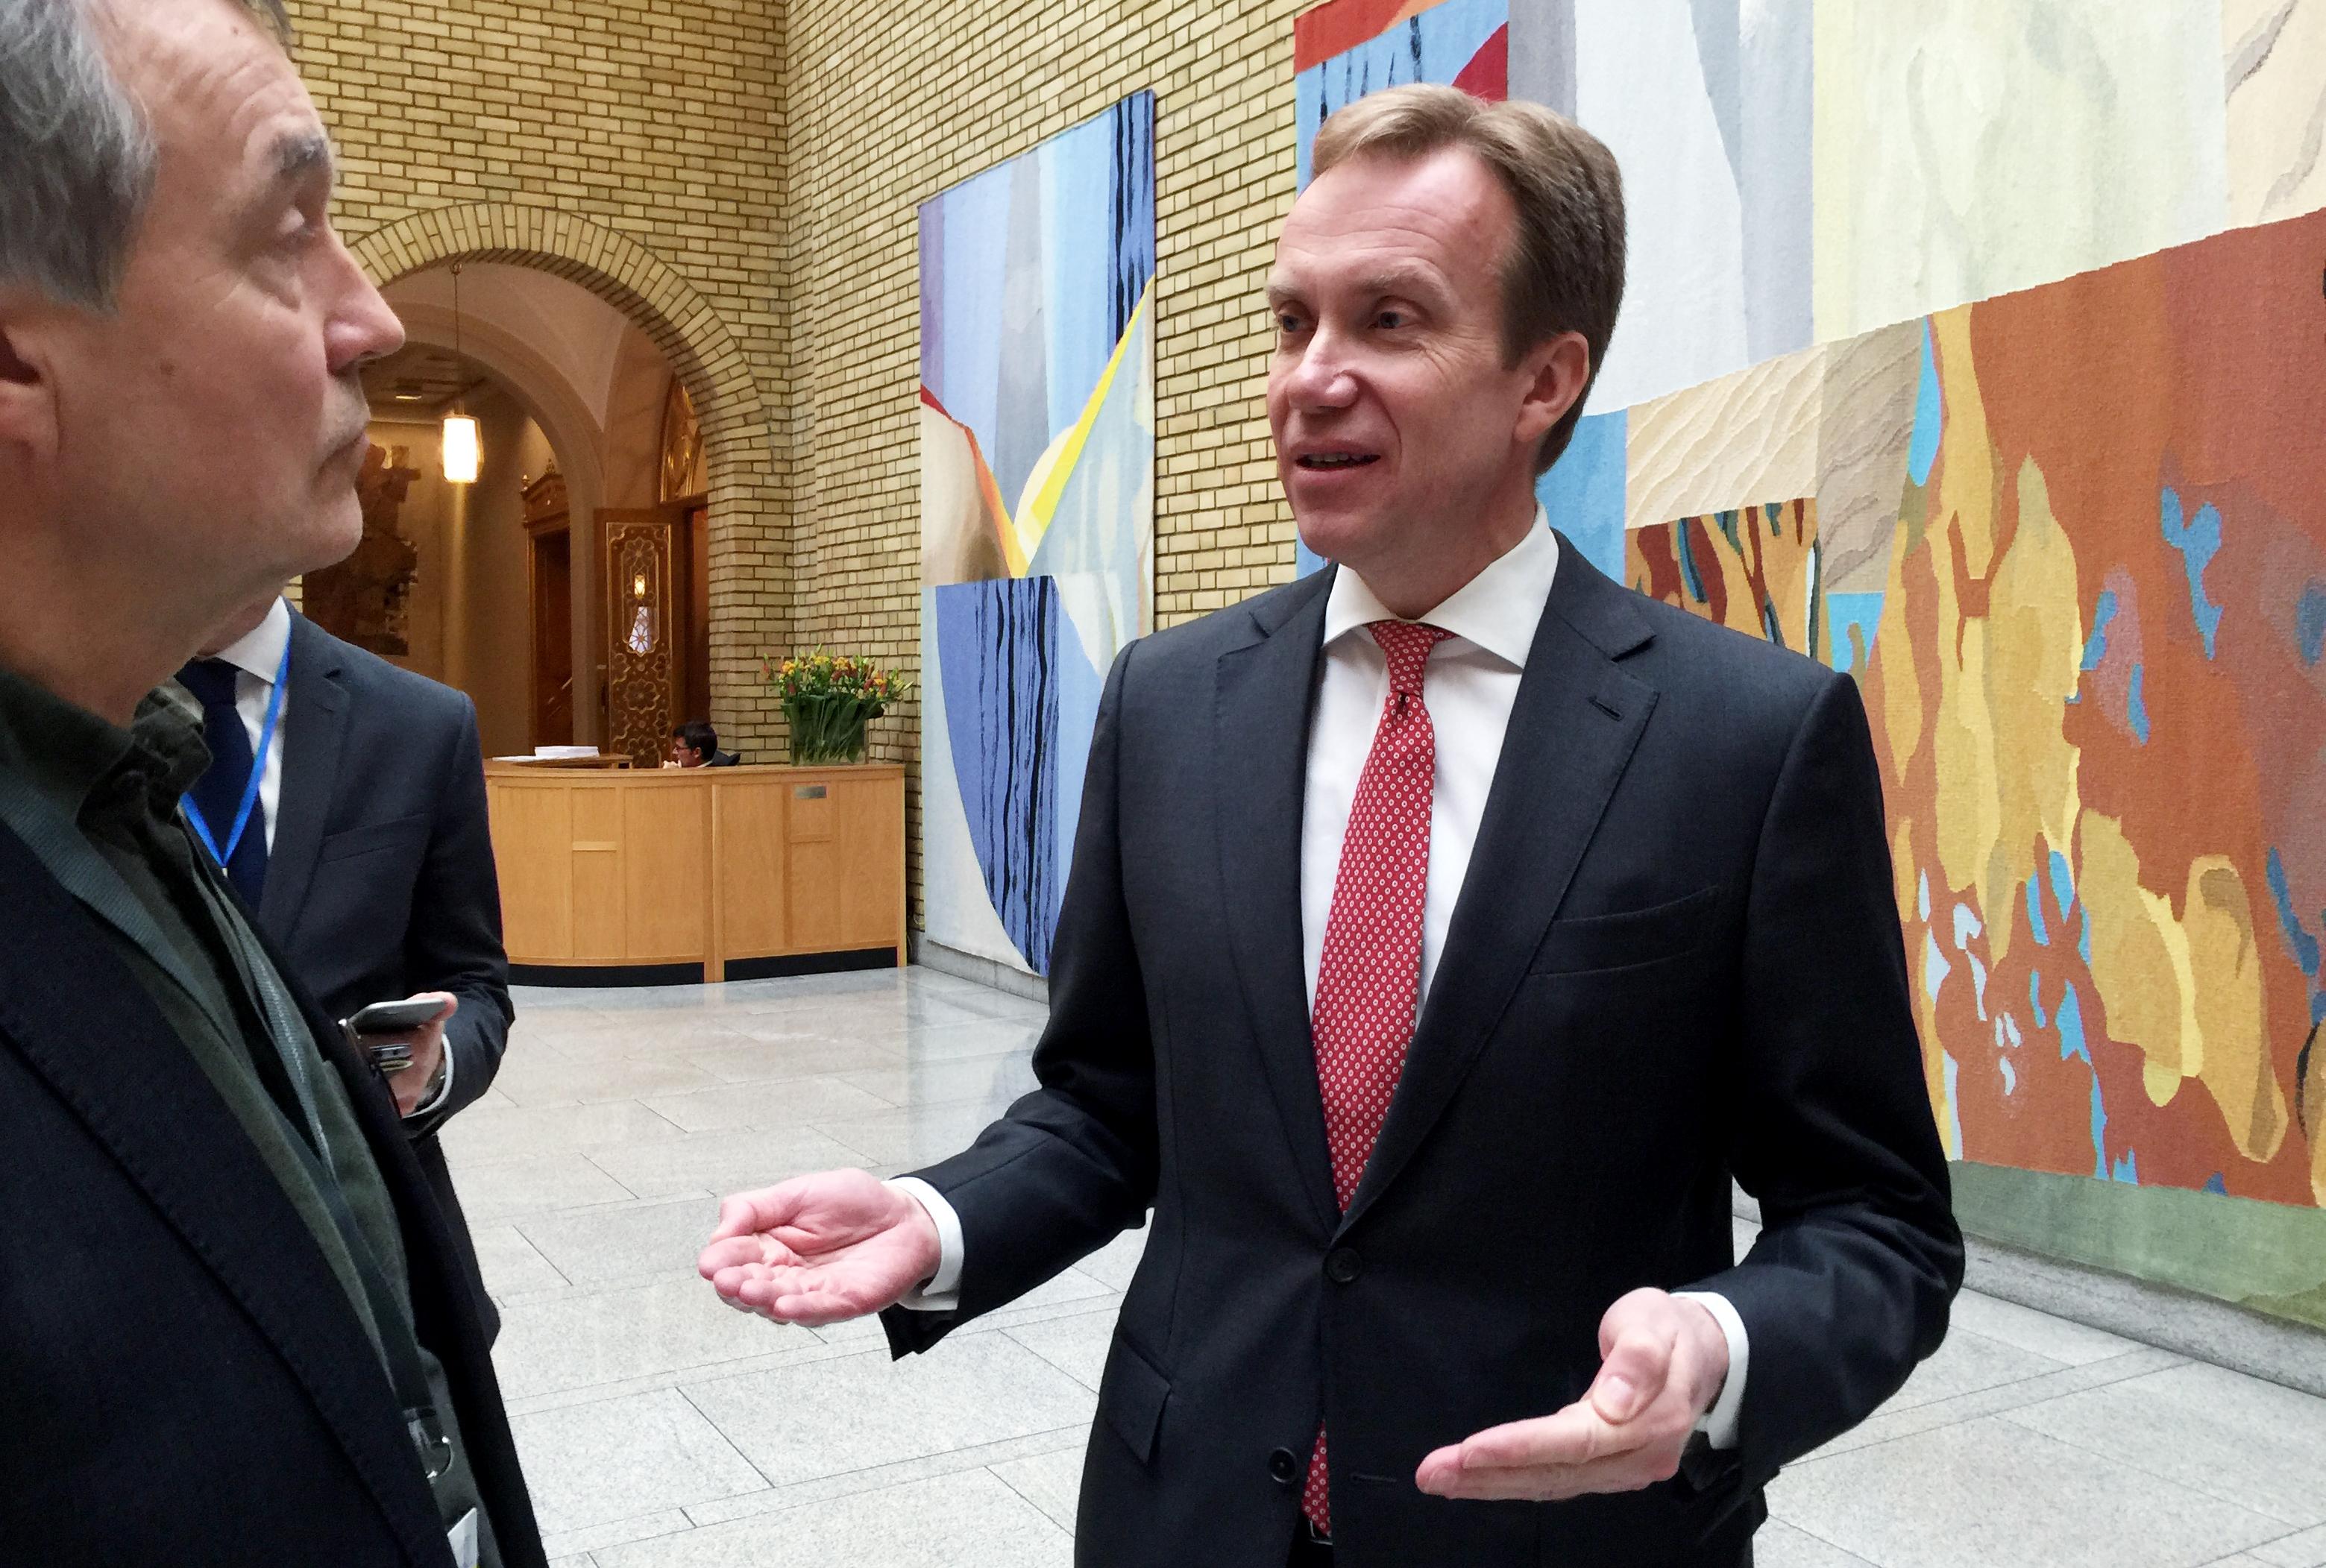 INFORMERTE STORTINGET: Børge Brende var i dag i Stortinget for en planlagt utenrikspolitisk redegjørelse, men også svare pressen om lekkasjer fra UDs migrasjonskrise-arbeid. (Foto: Harald S. Klungtveit)